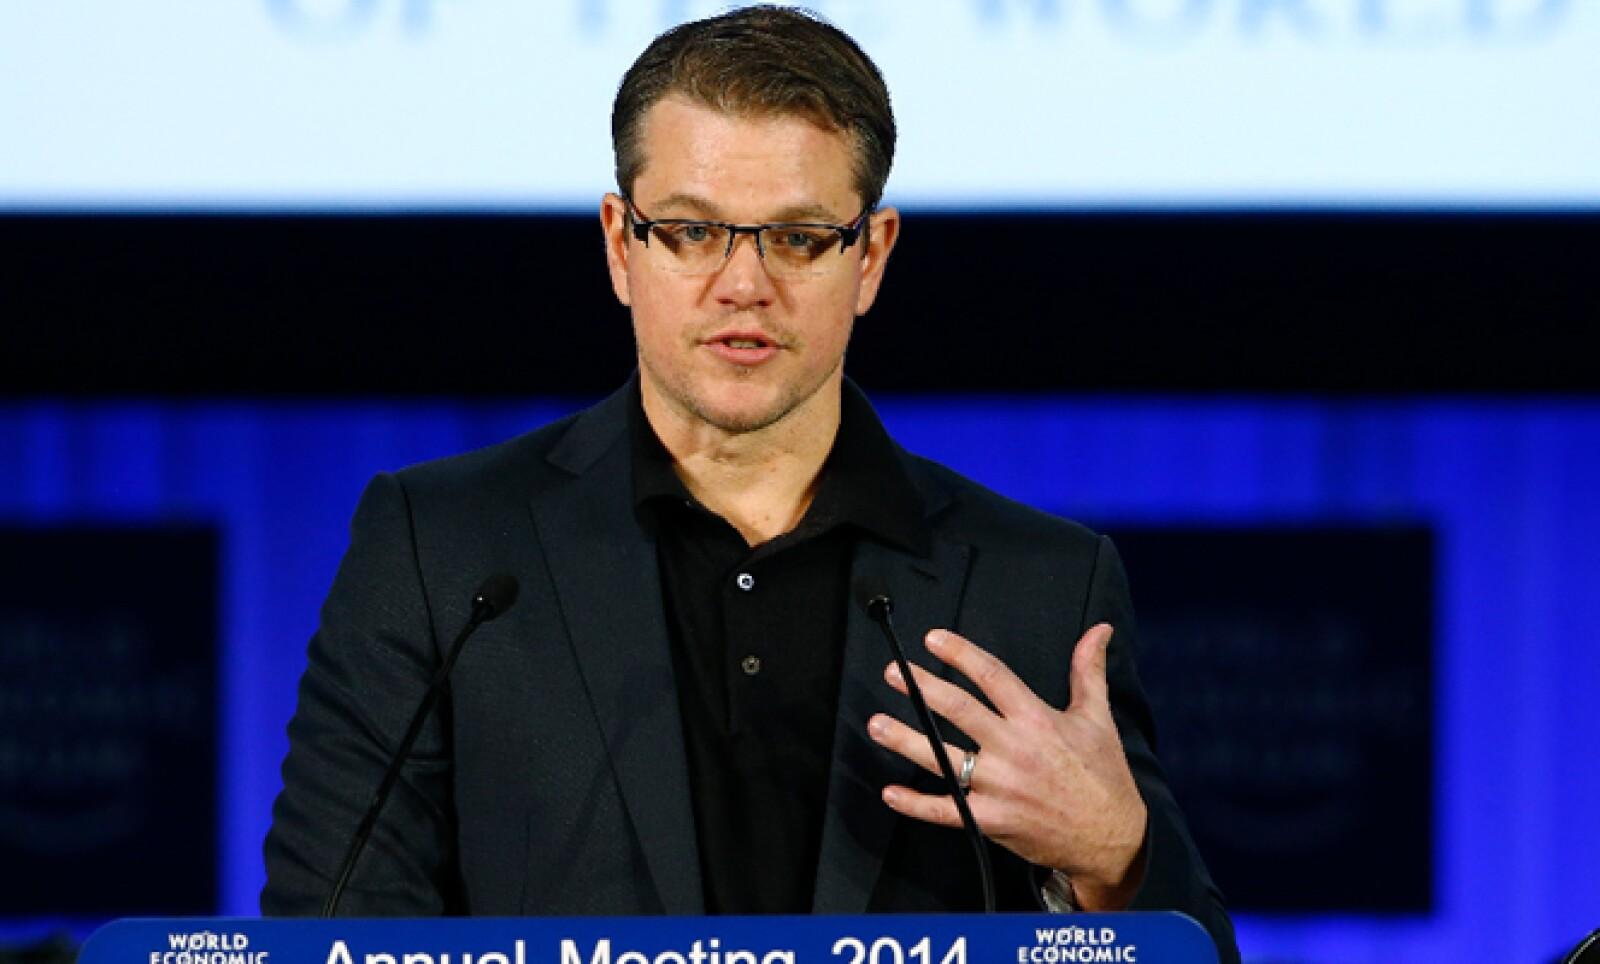 Matt Damon, cofundador de la organización Agua, recibió un premio por sus esfuerzos para impulsar la construcción sistemas sustentables que lleven agua a diversas comunidades.